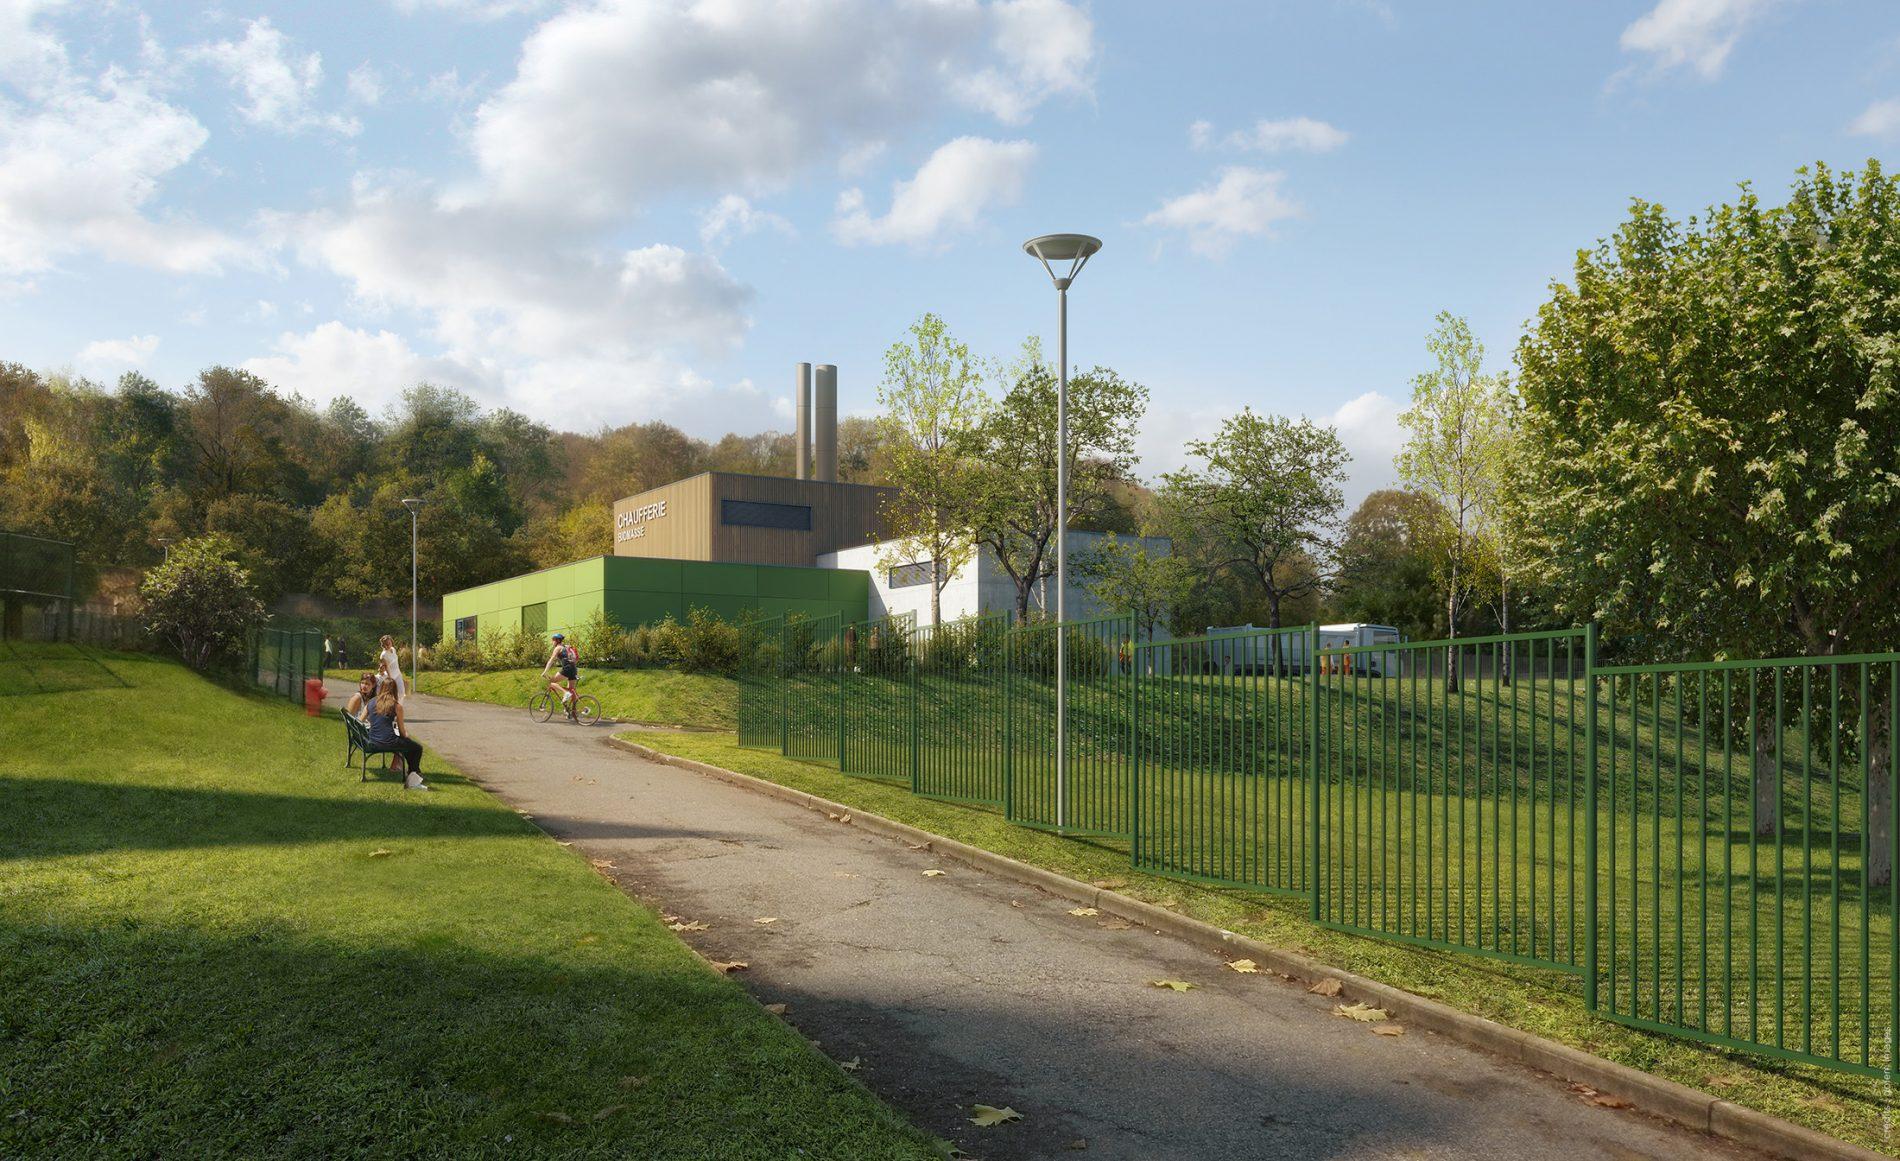 Image du concours d'architecture de la chaufferie biomasse à Maxence